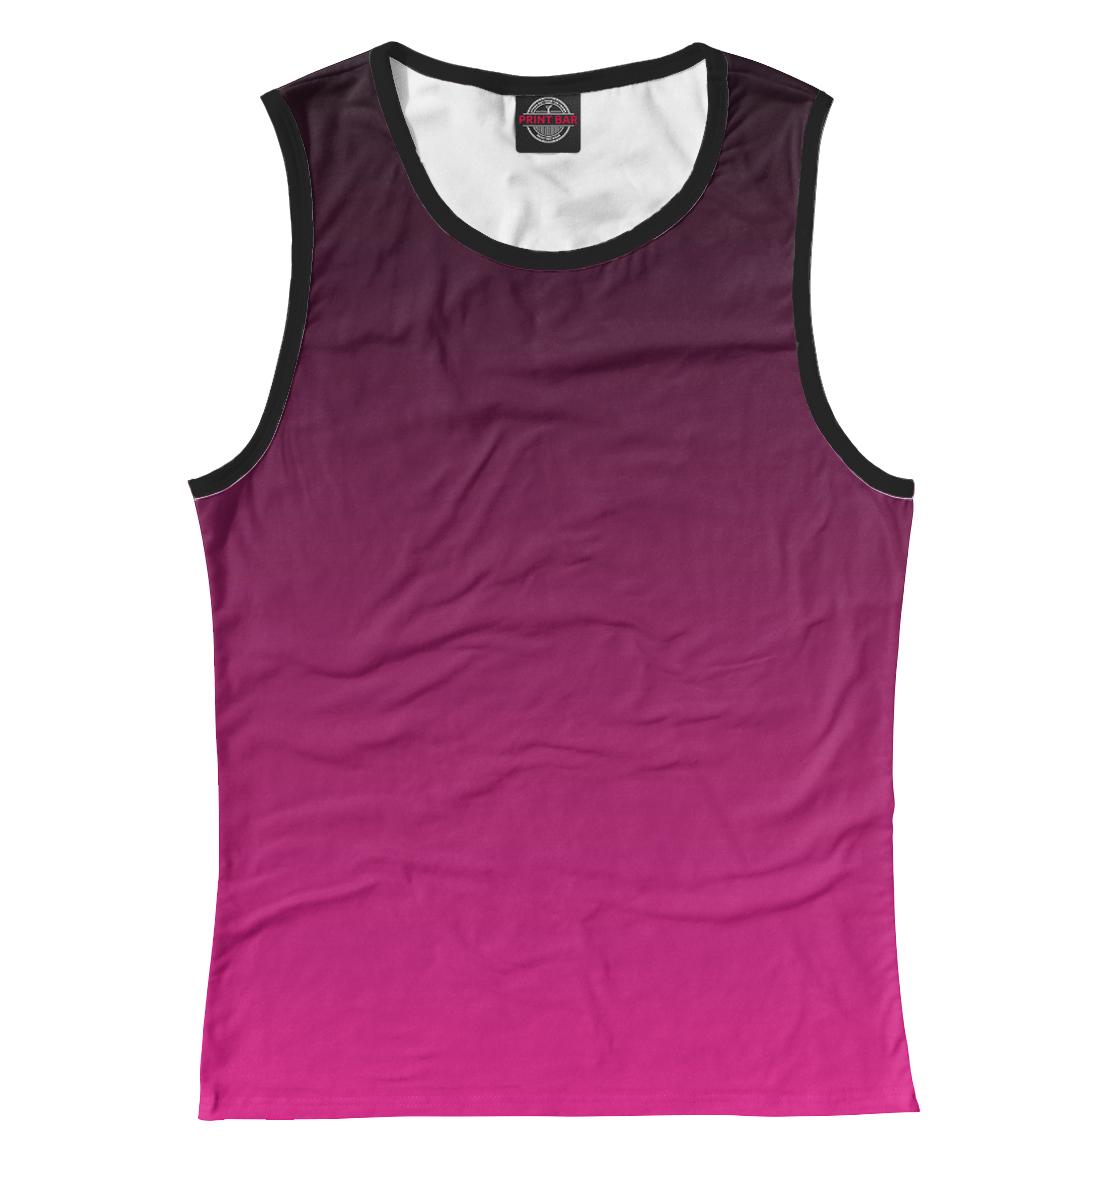 Градиент Розовый в Черный, Printbar, Майки, CLR-560218-may-1  - купить со скидкой